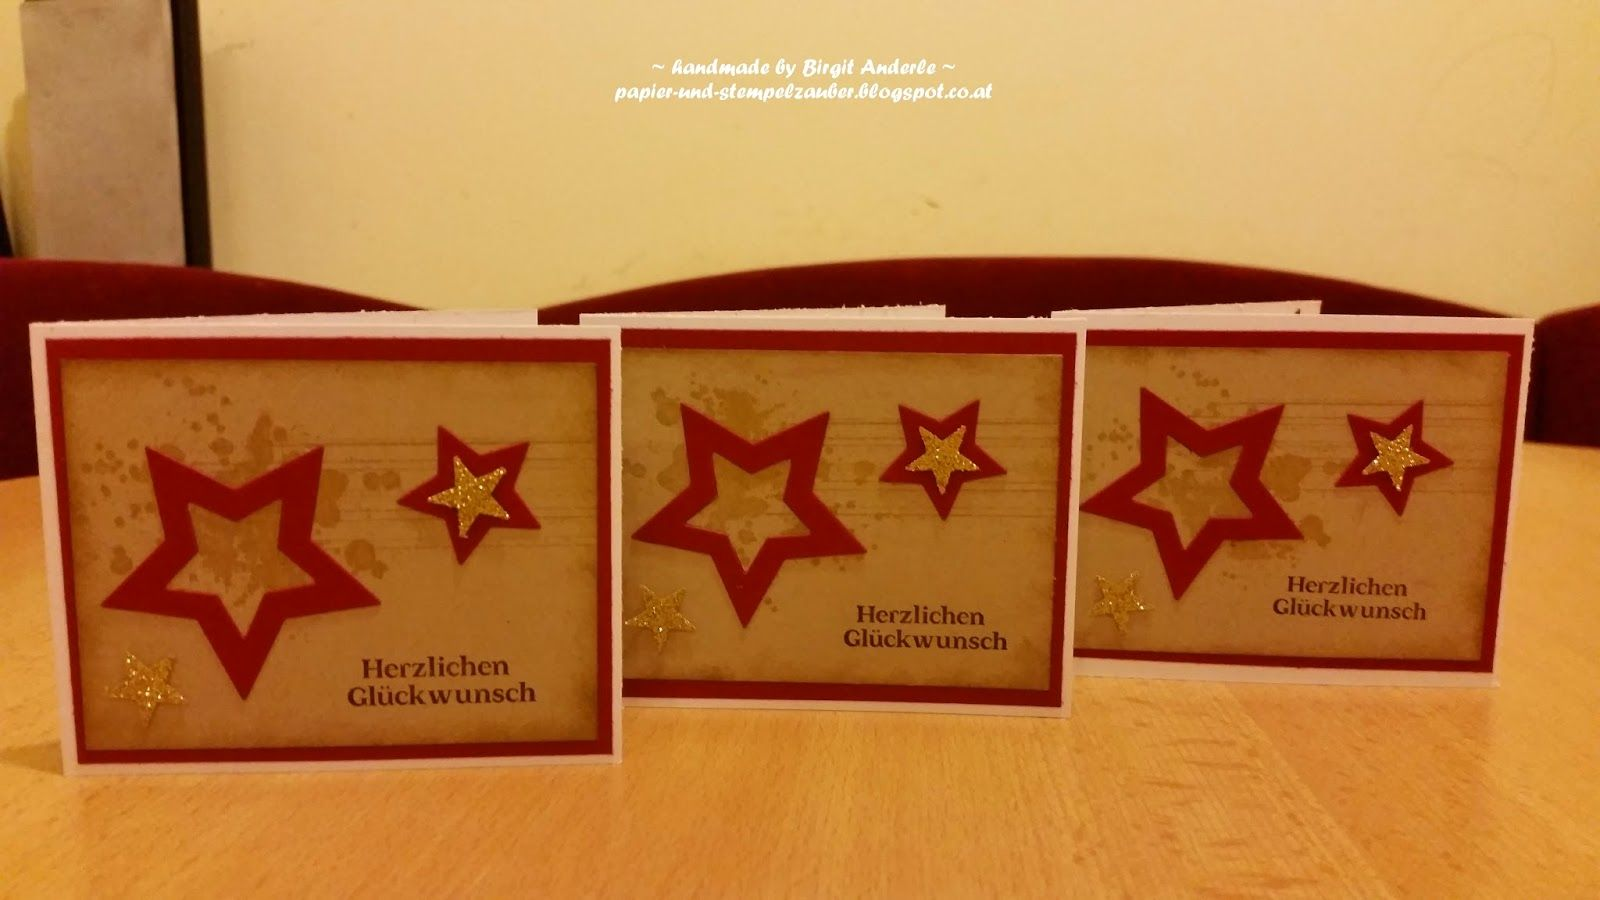 Papier+und+Stempelzauber:+kleine+Glückwunschkarten